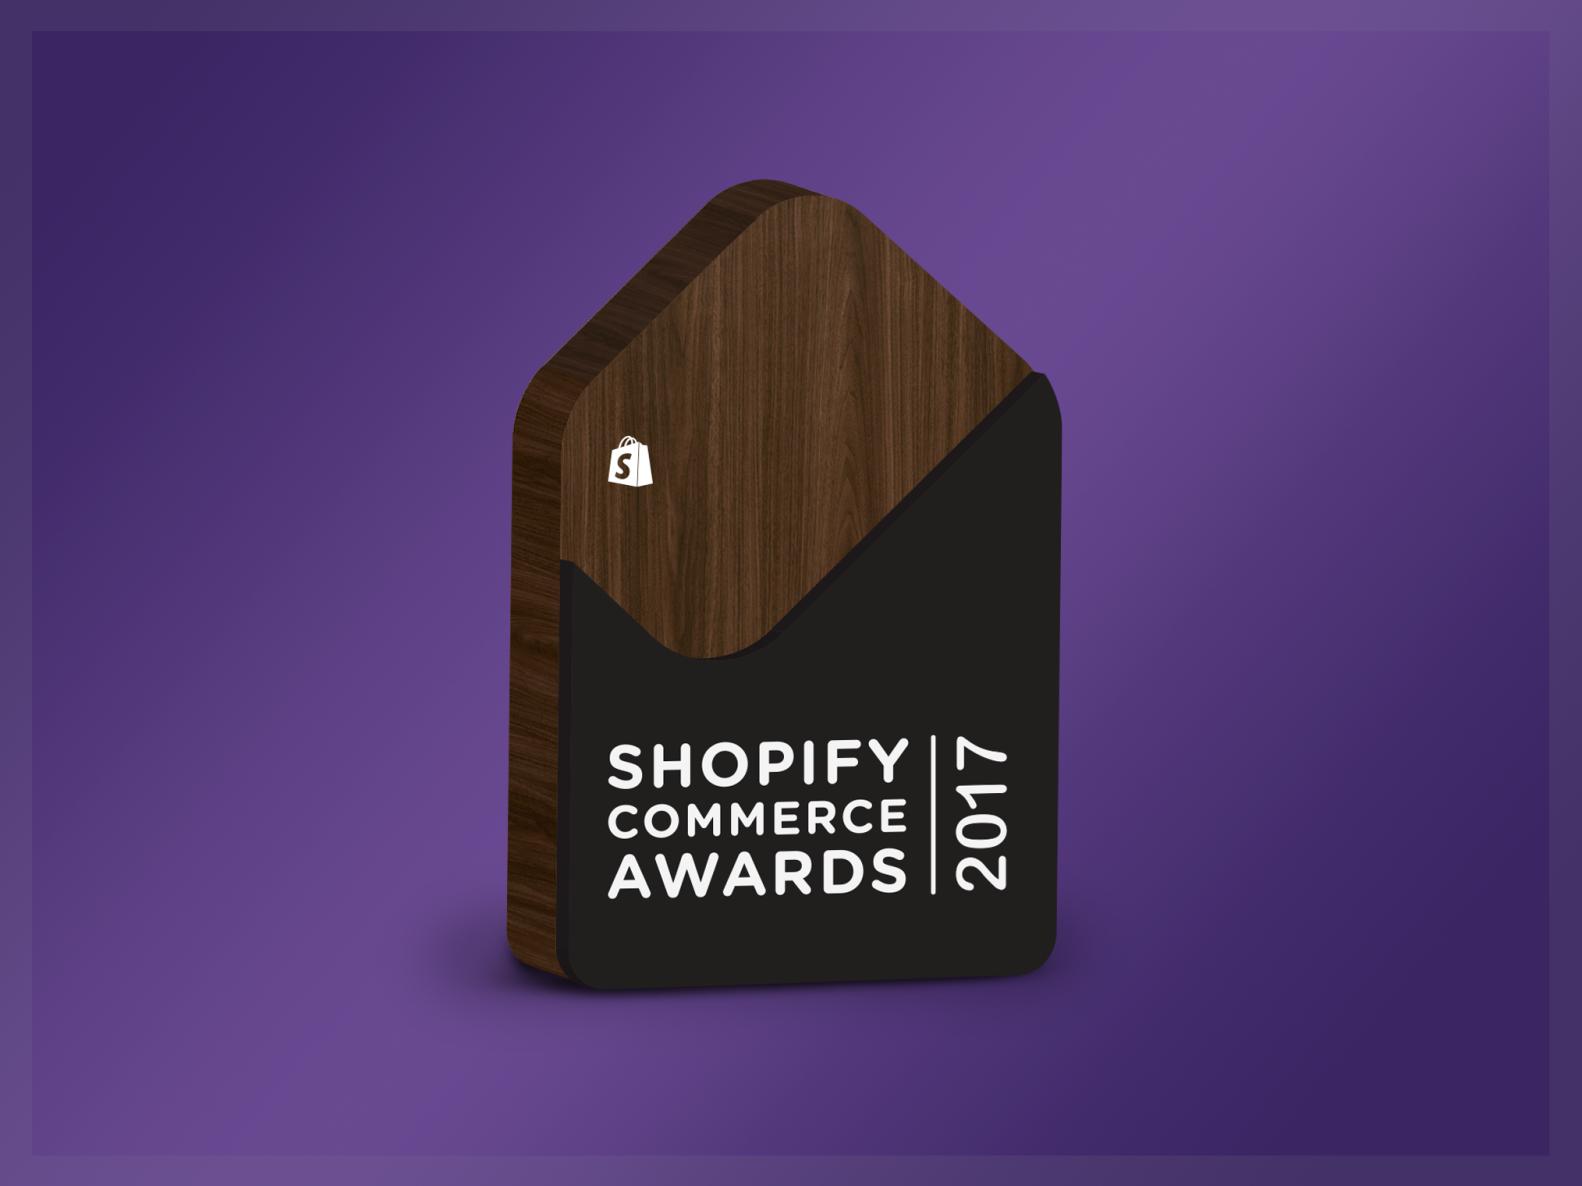 Award Concept #2